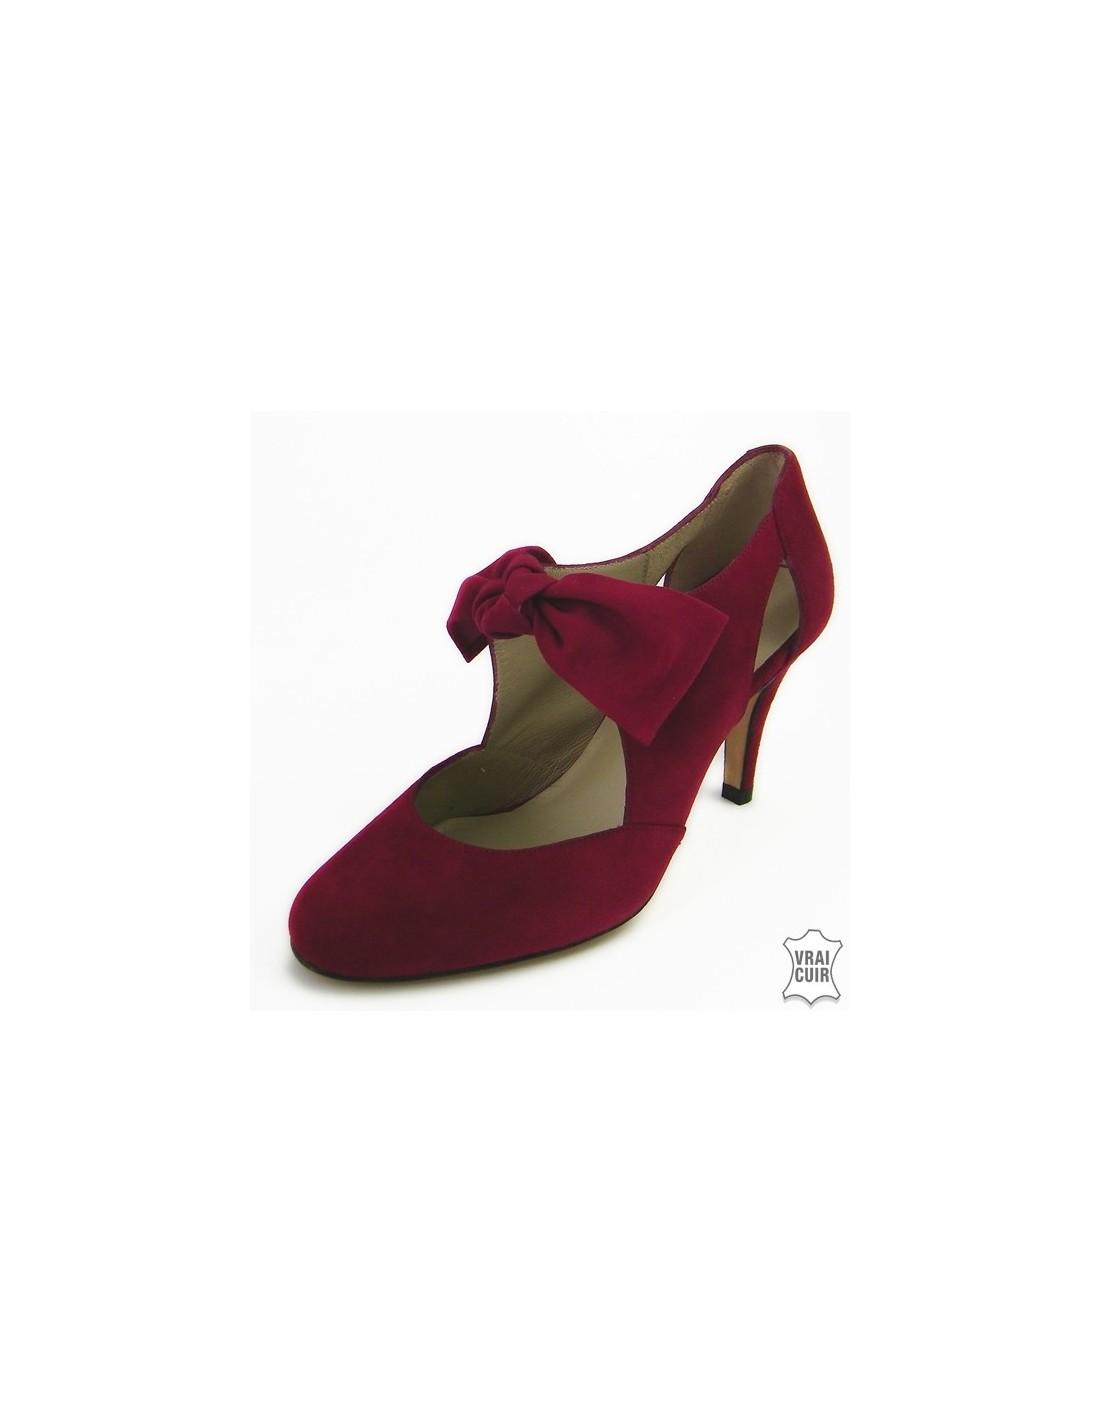 Rouges Pour Zaro En FemmesBrenda Petites Pointures Escarpins byY6gf7